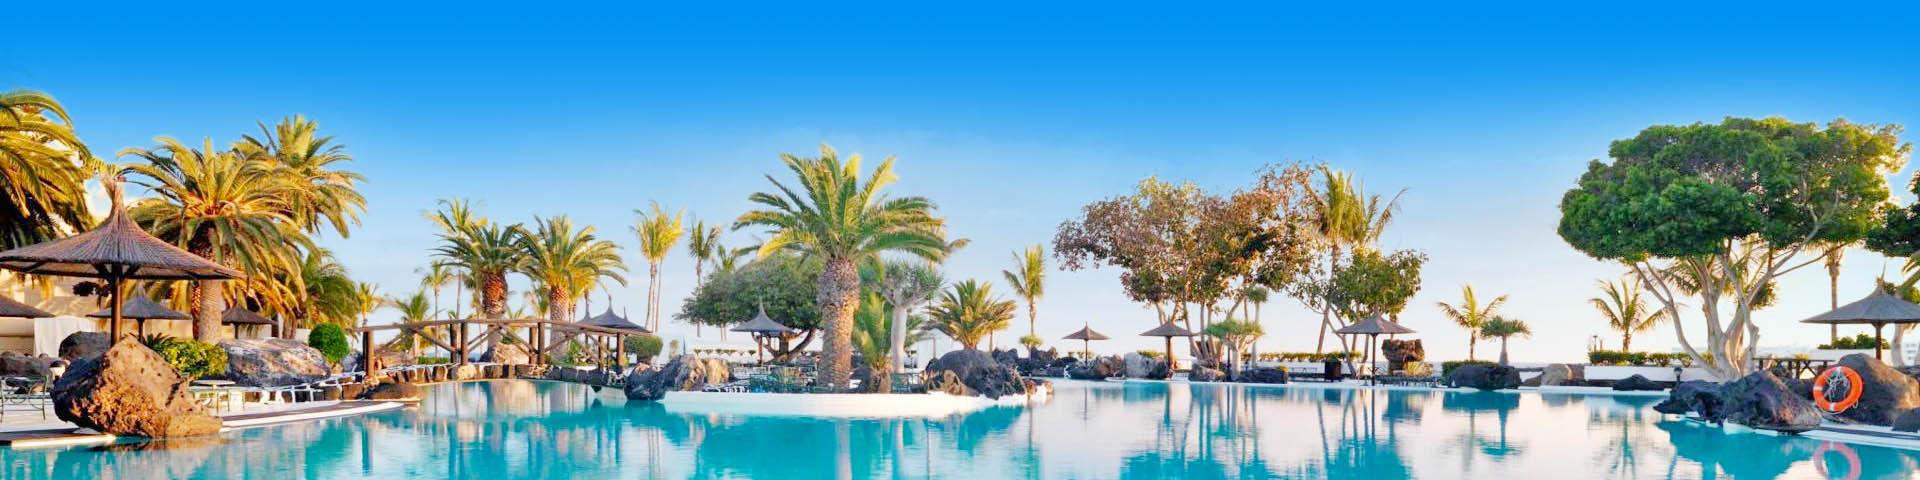 All inclusive hotel in Canarische Eilanden met groot zwembad